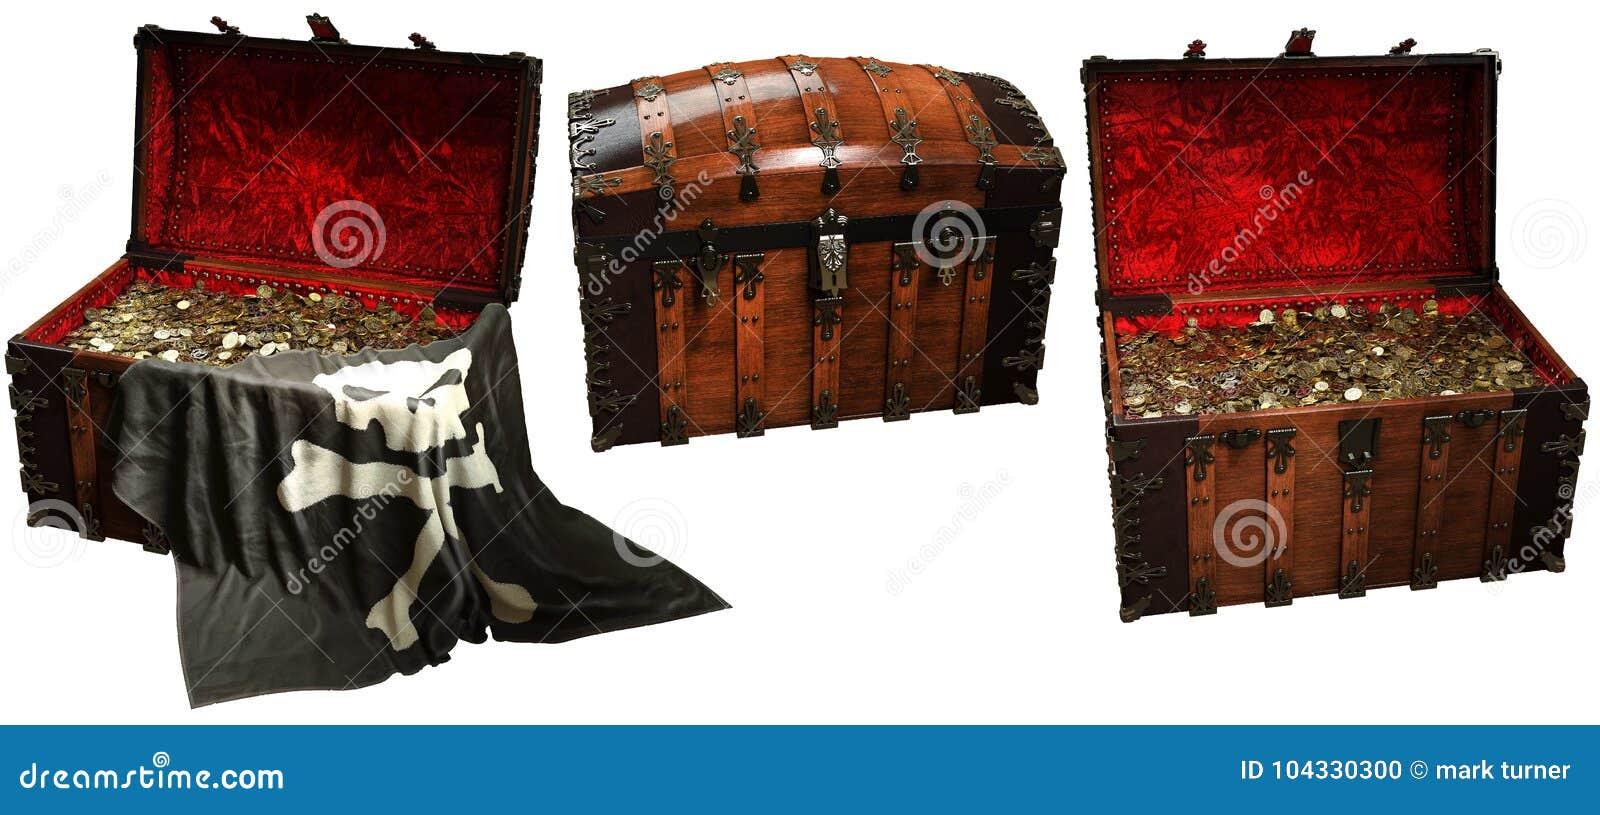 De borst 3D illustratie van de piraatschat